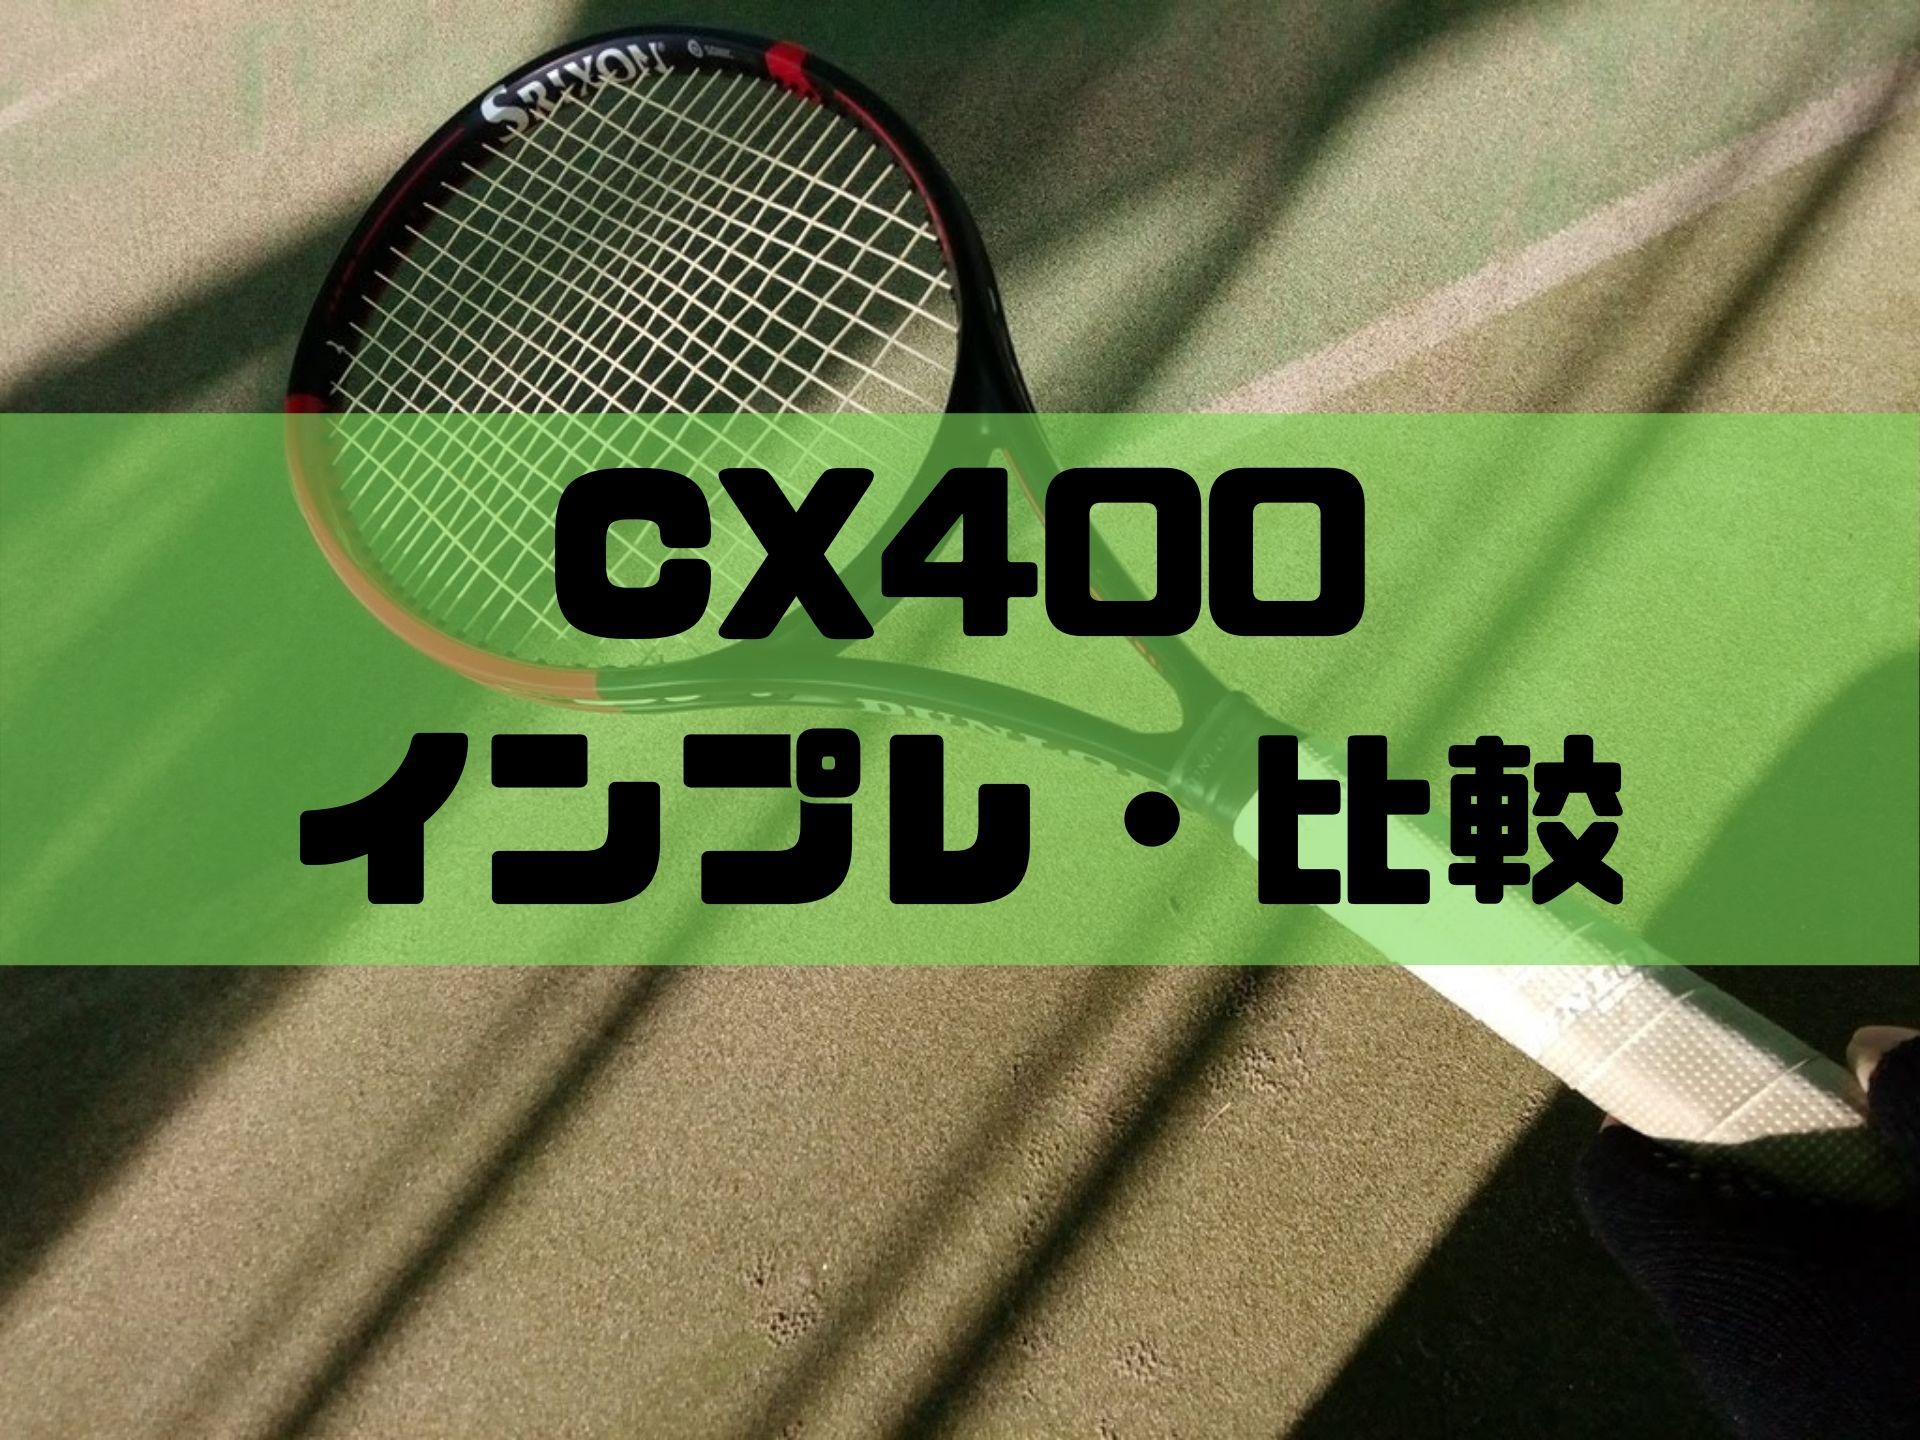 Dunlop CX400